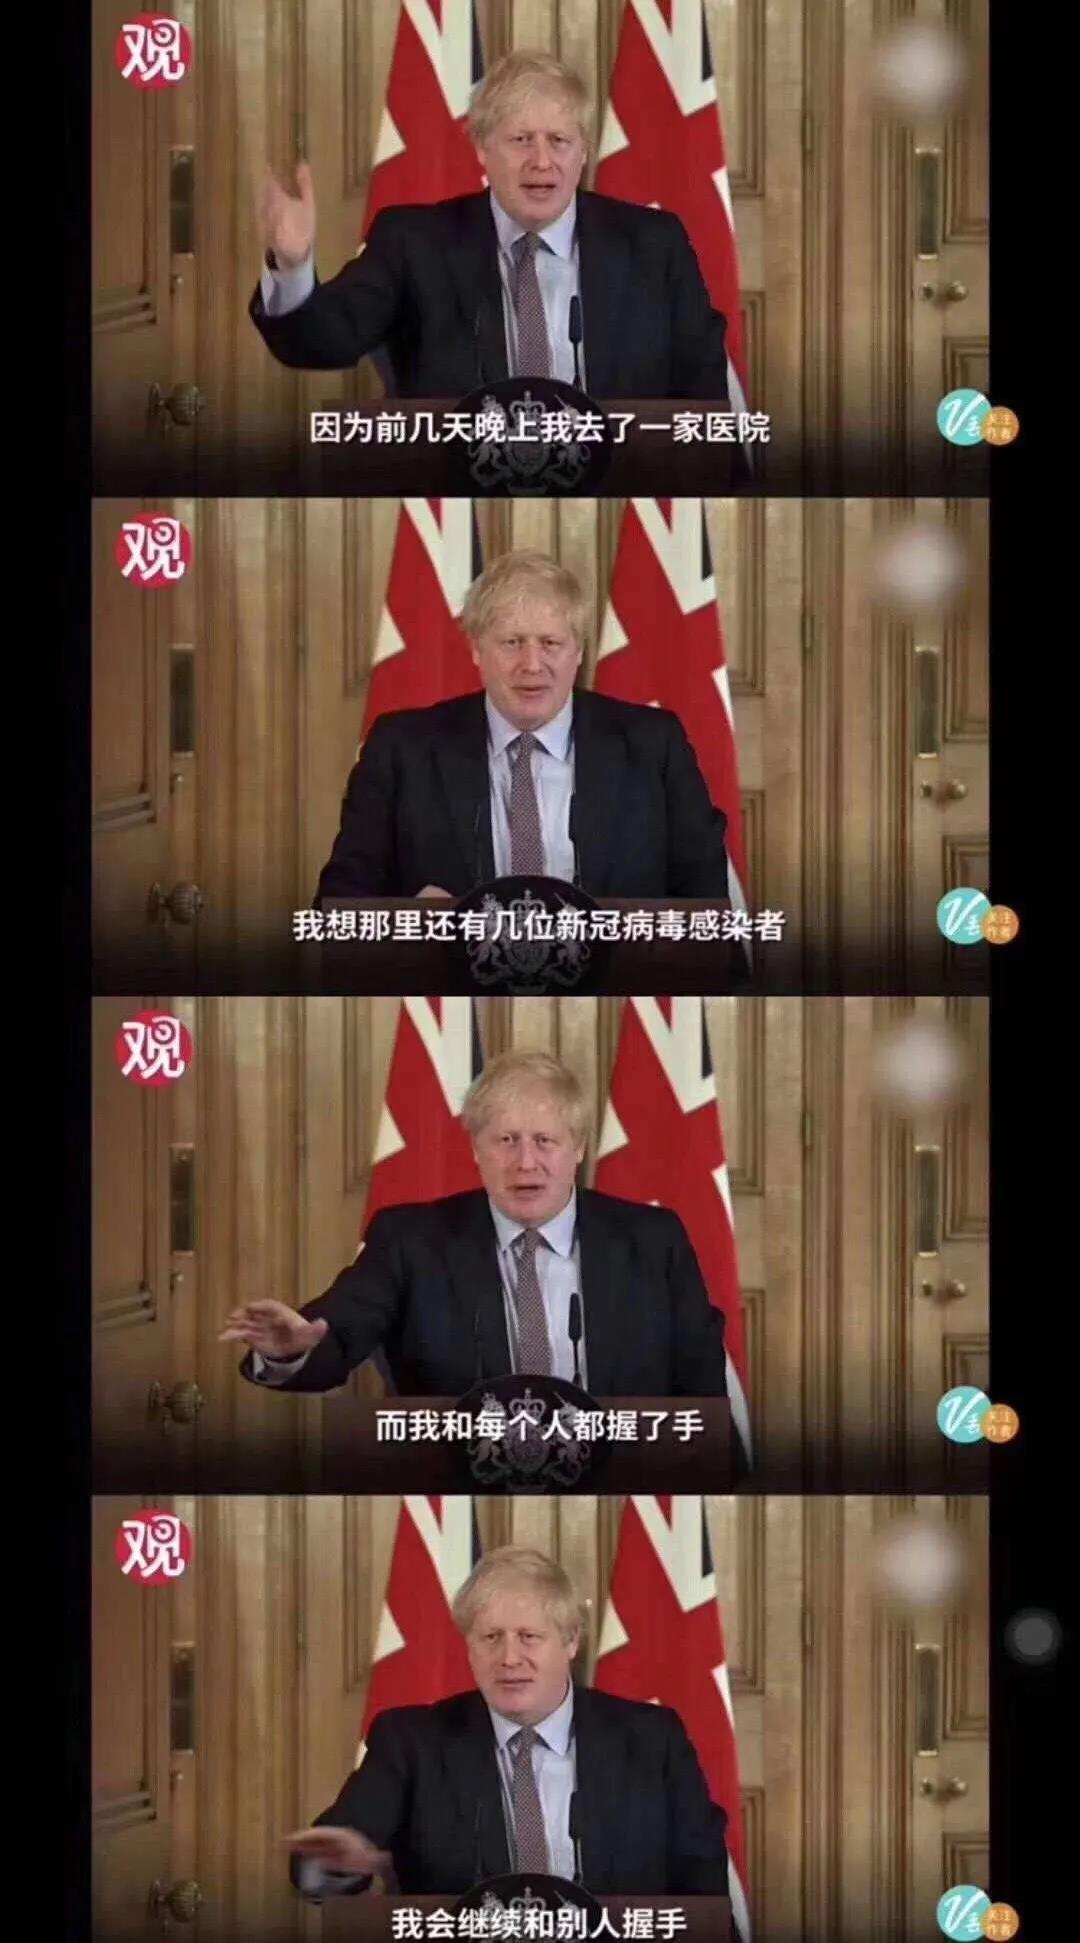 迷惑行为查尔斯王子的图片 第4张